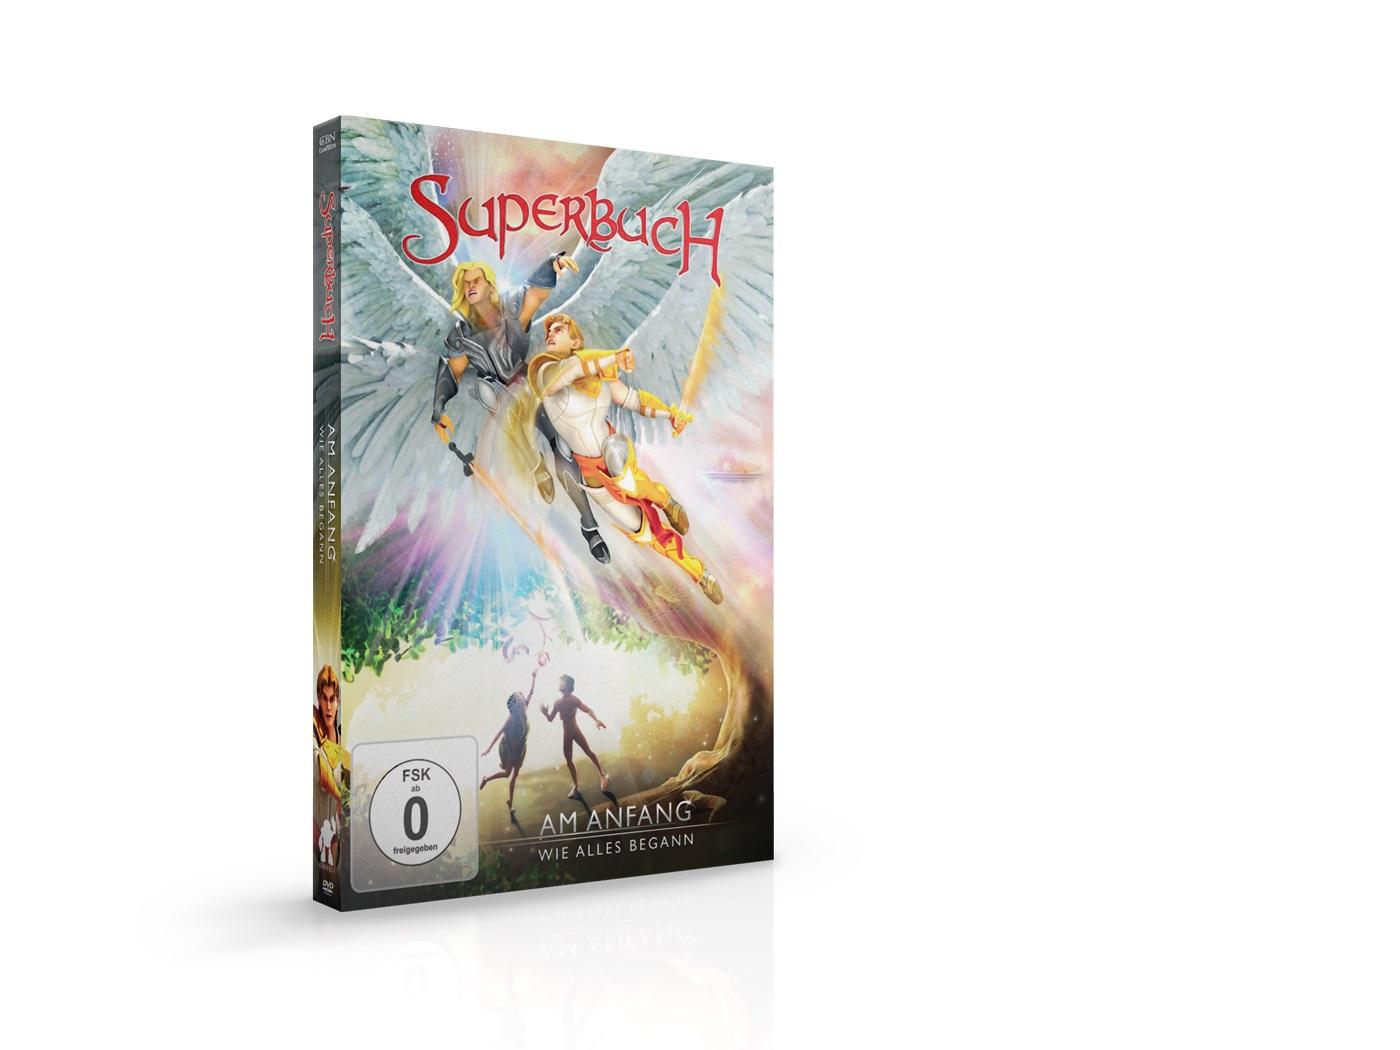 Superbuch – Am Anfang